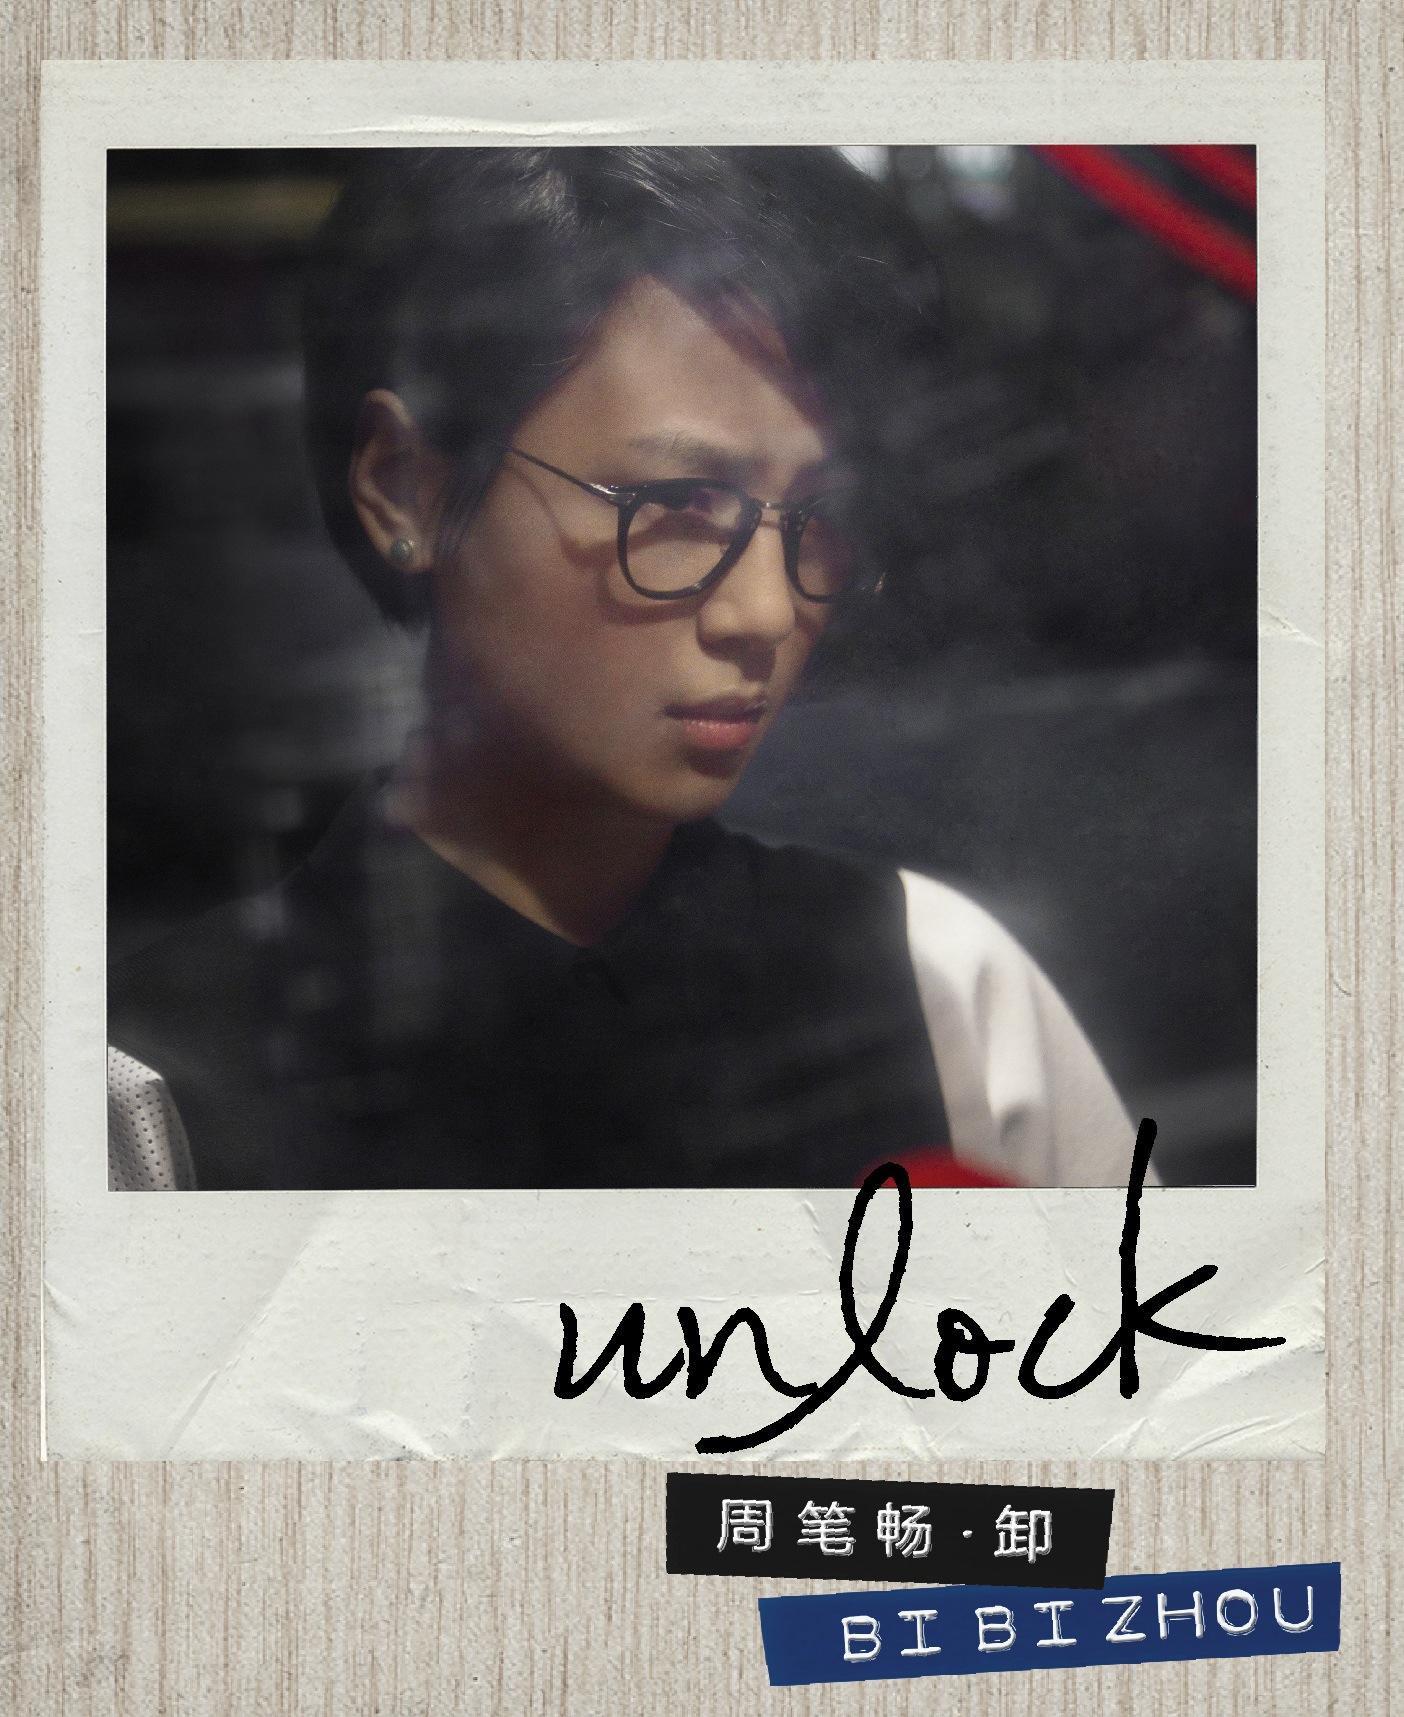 周笔畅 Unlock